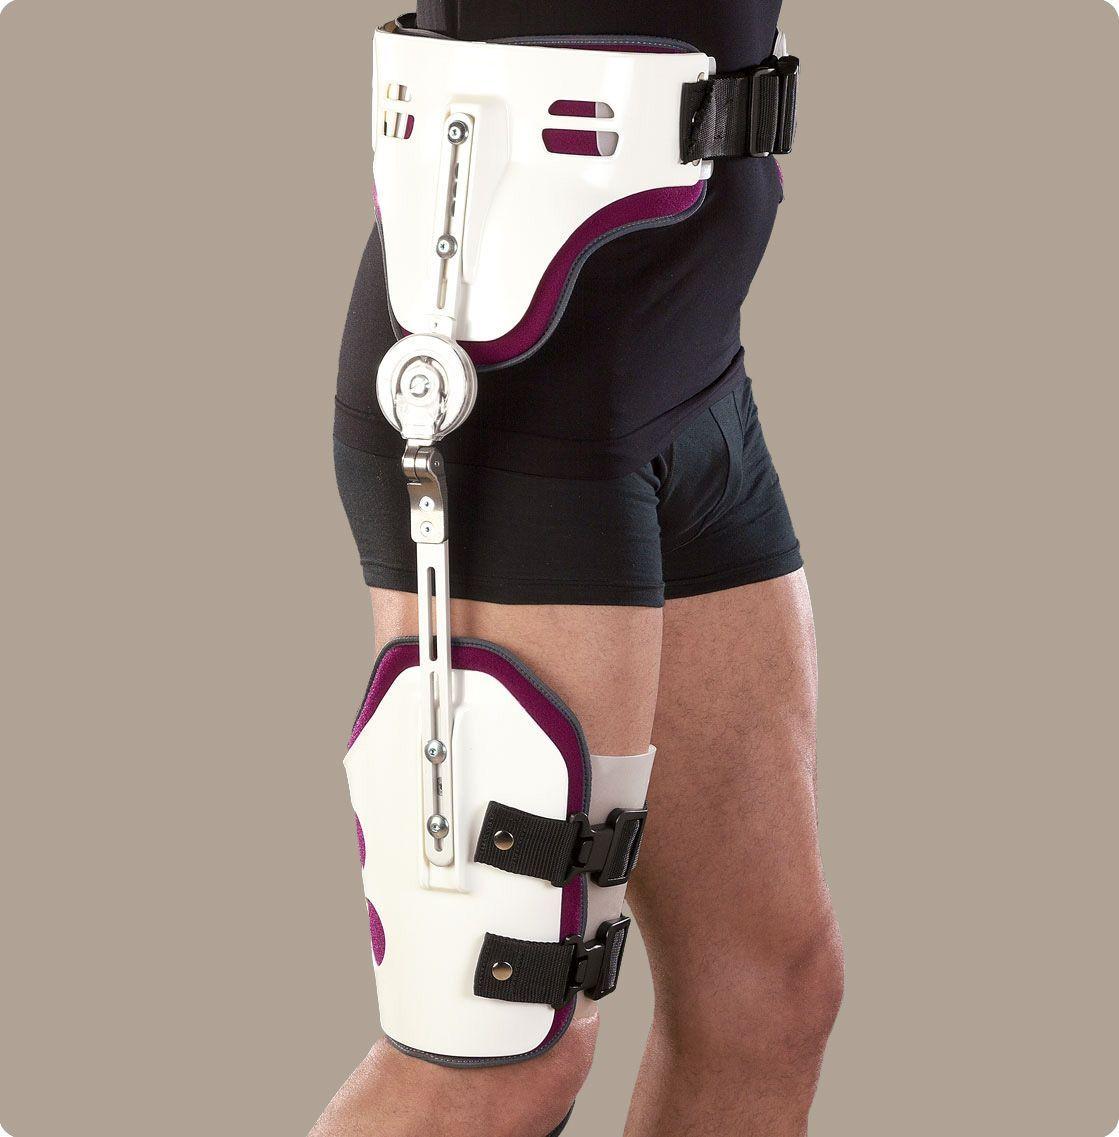 Ортез на тазобедренный сустав: правила подбора и использования